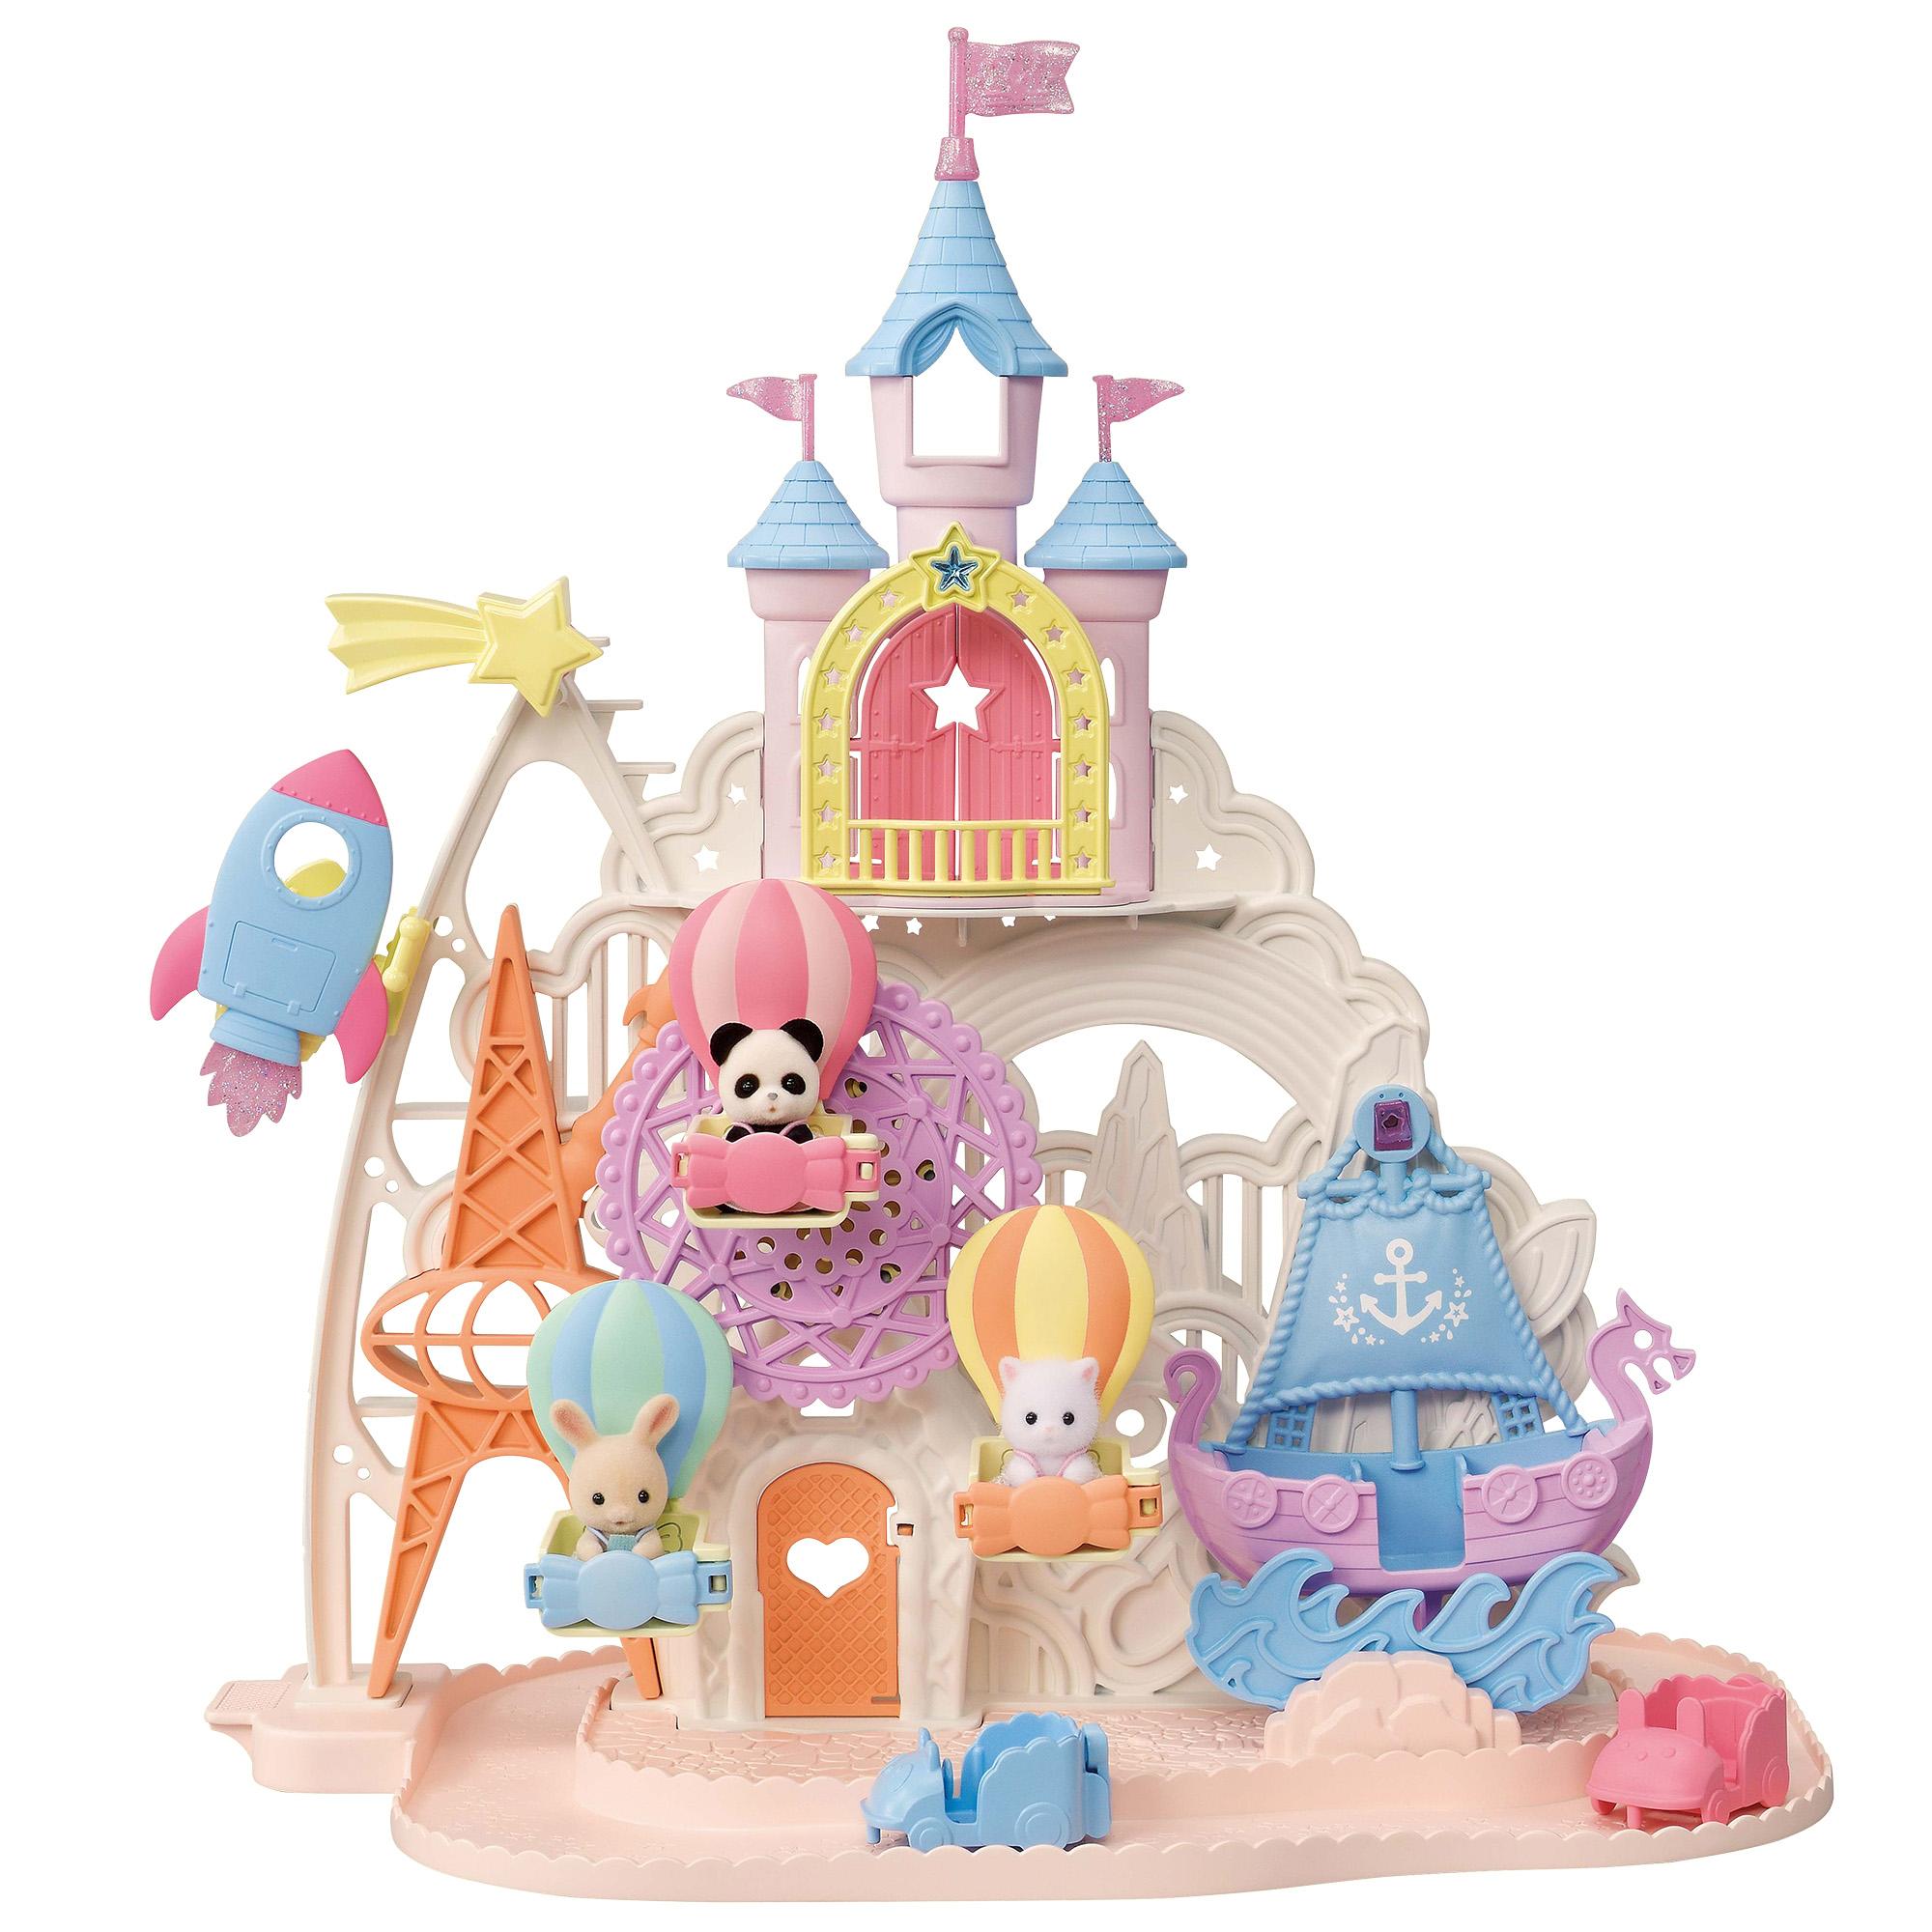 プレゼント!かわいい赤ちゃんのお人形が3体セットに♪シルバニアファミリーに新登場の「お城のゆめいろゆうえんち」